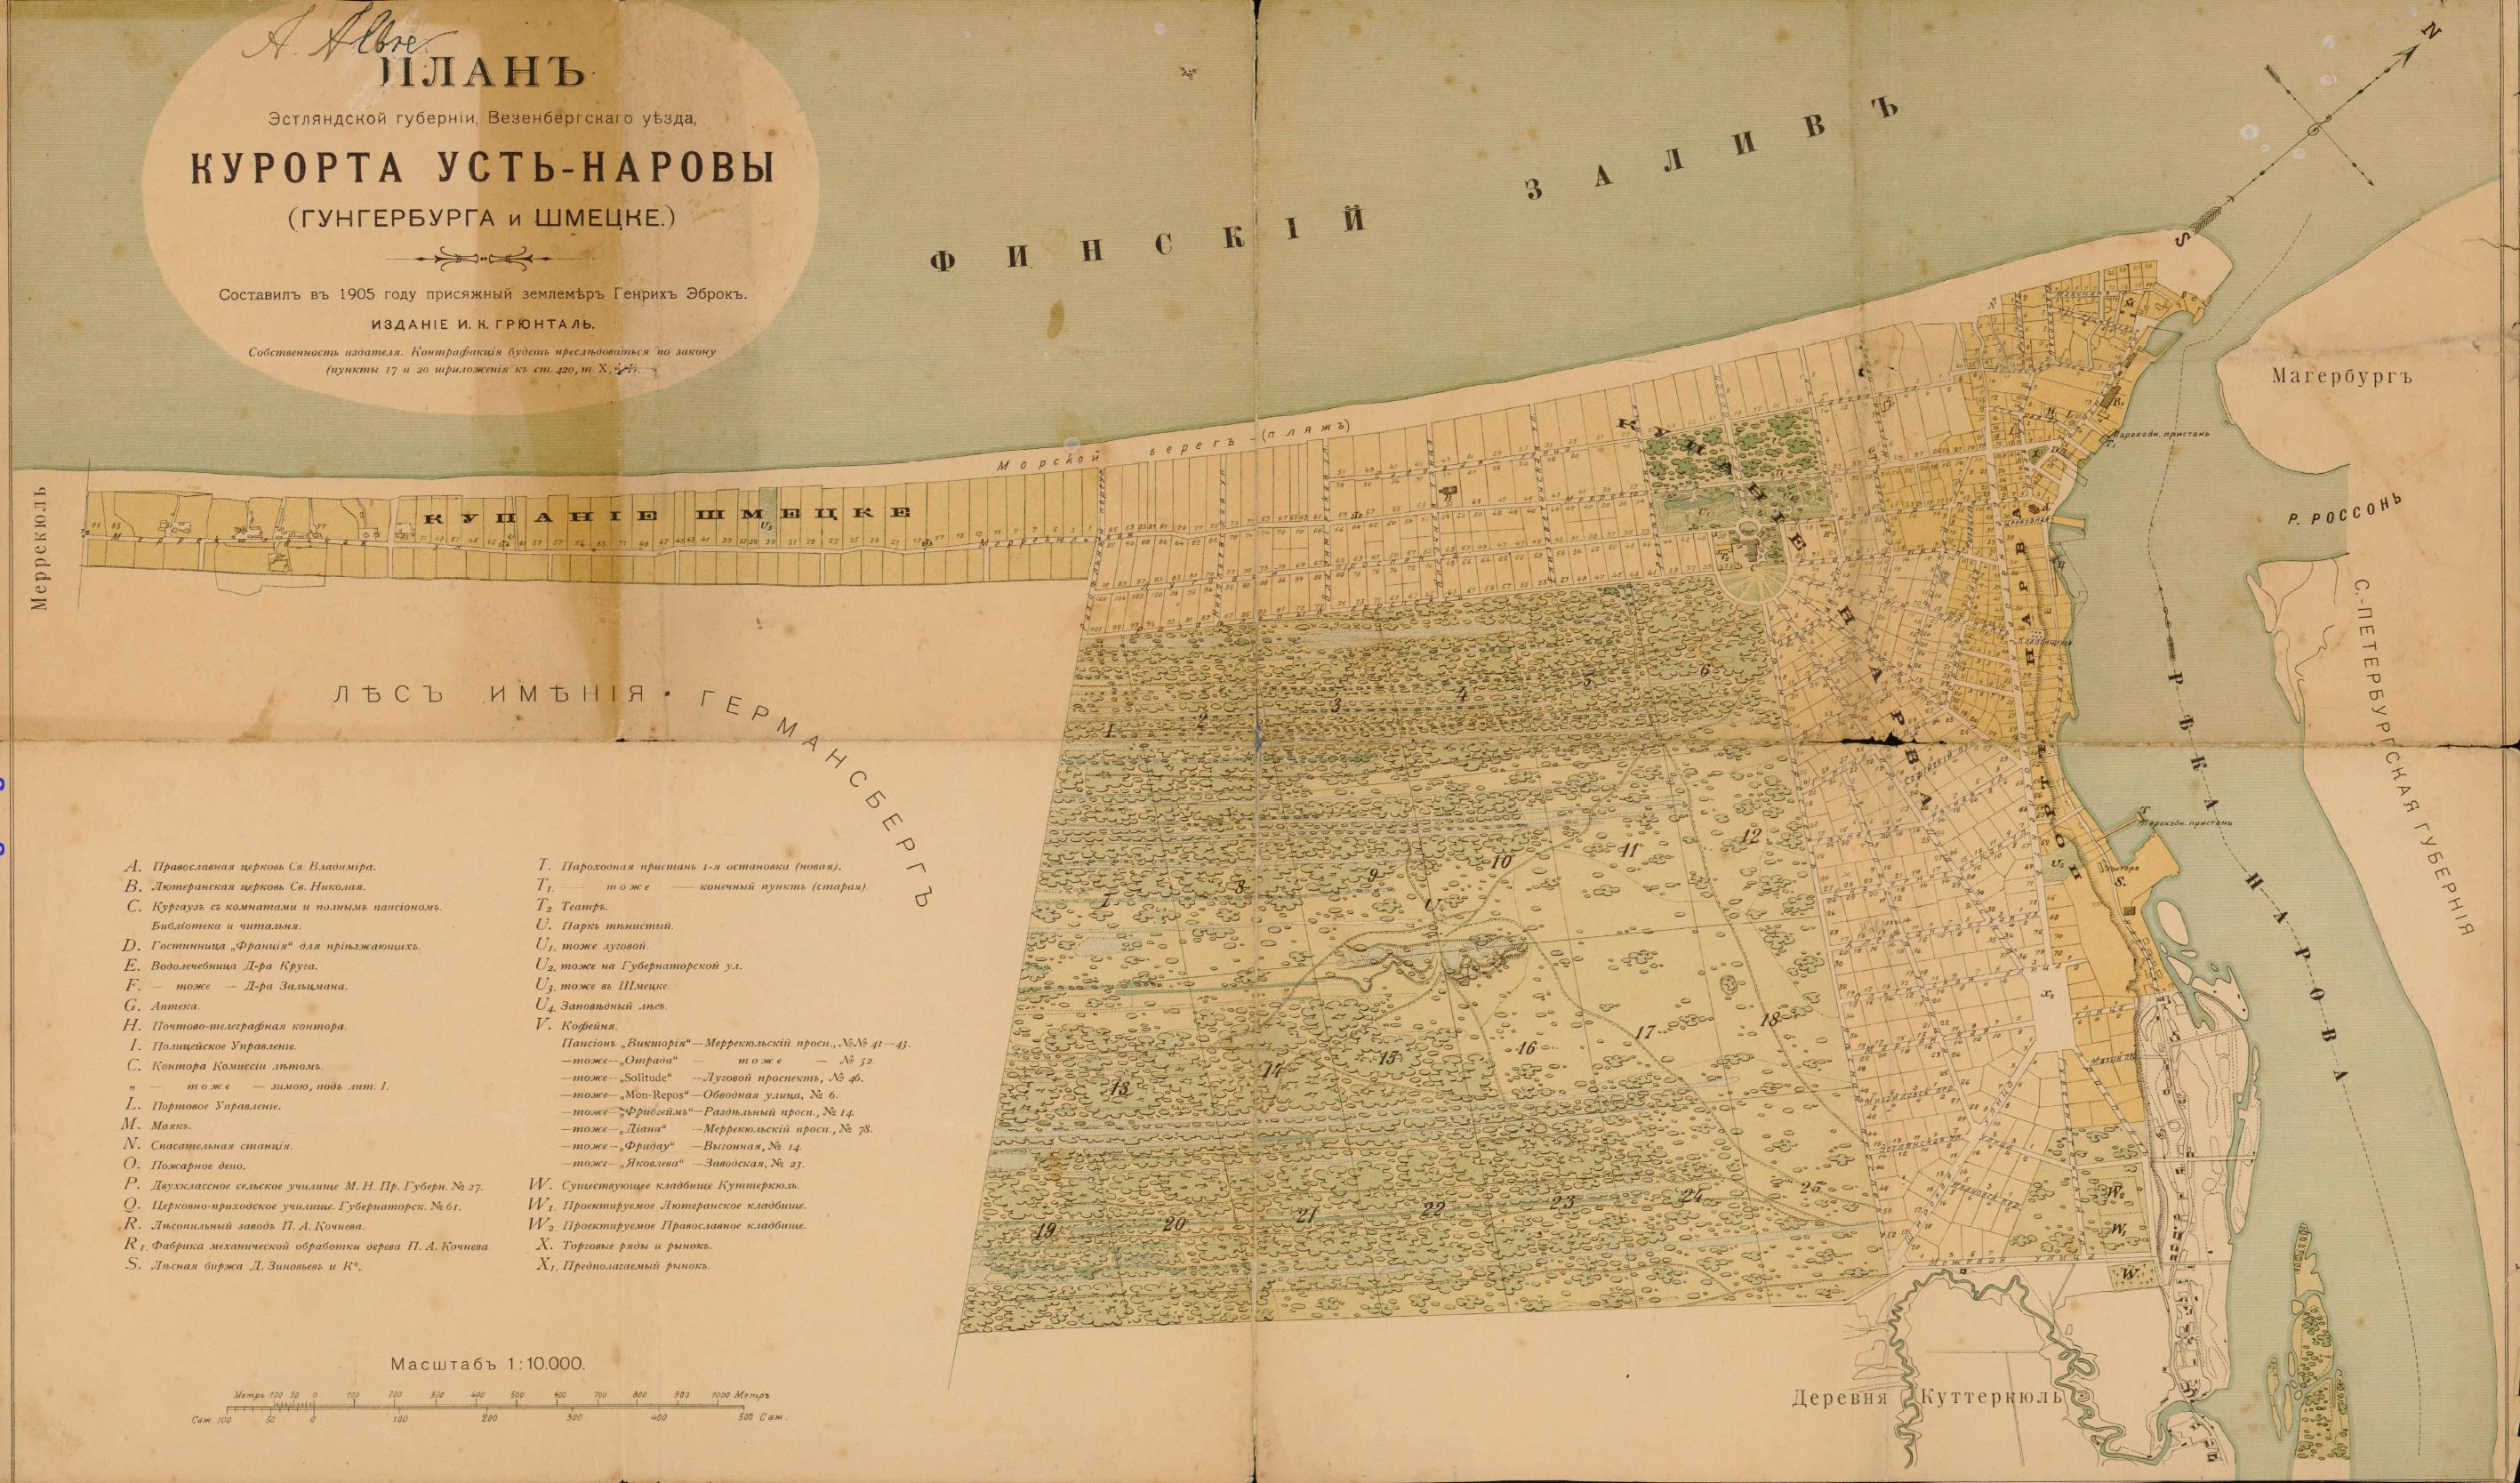 1905. План курорта Усть-Наровы (Гунгербурга и Шмецке)